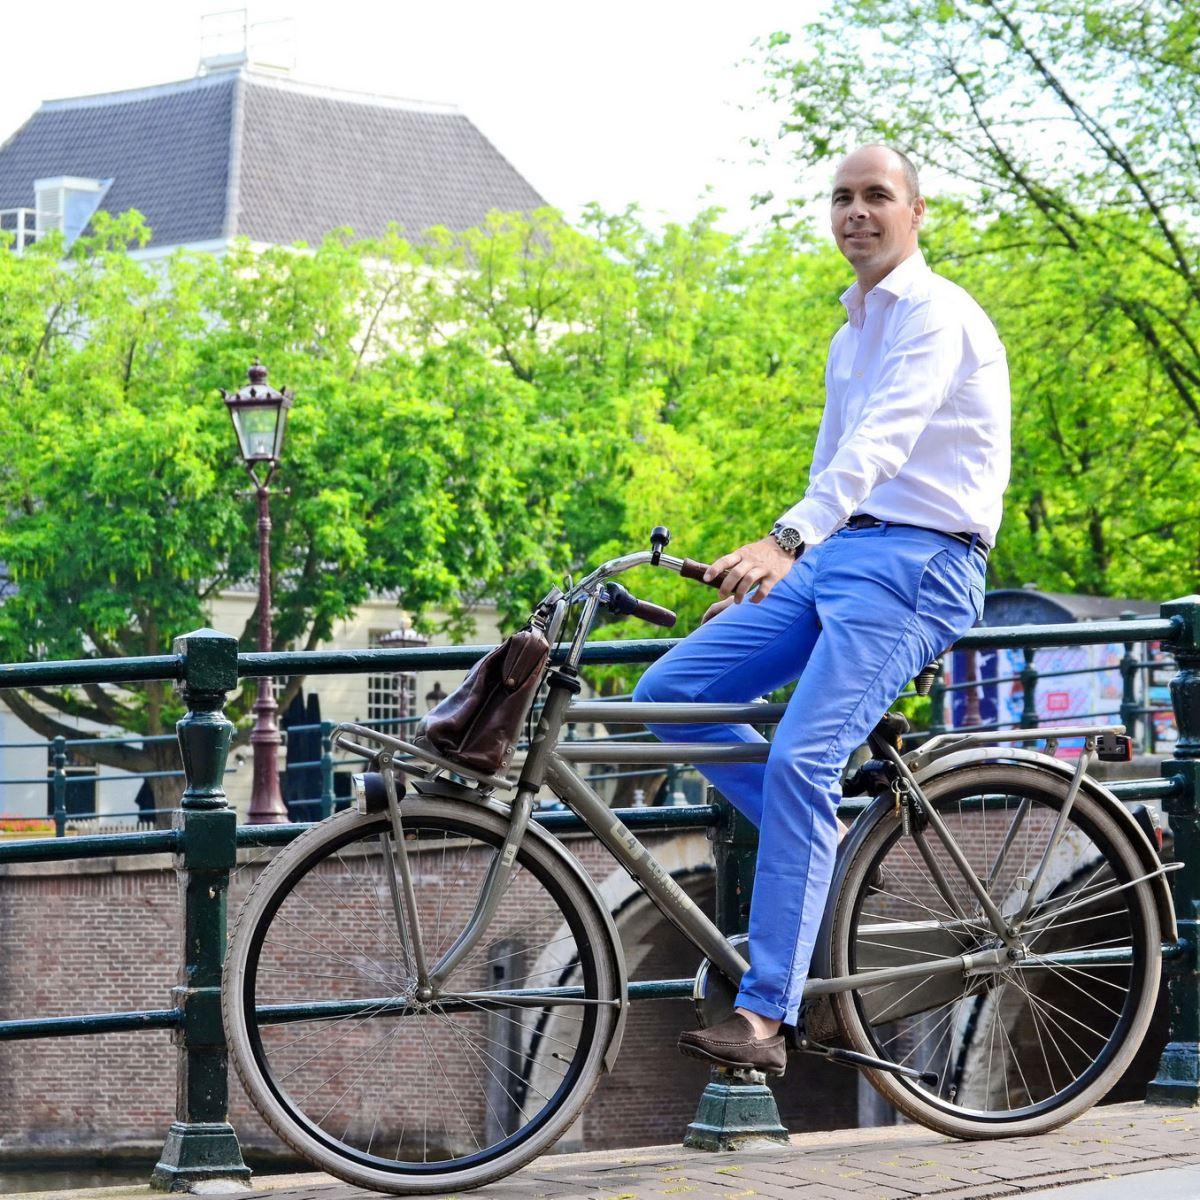 Le meilleur immobilier a Amsterdam pour achat de propriété